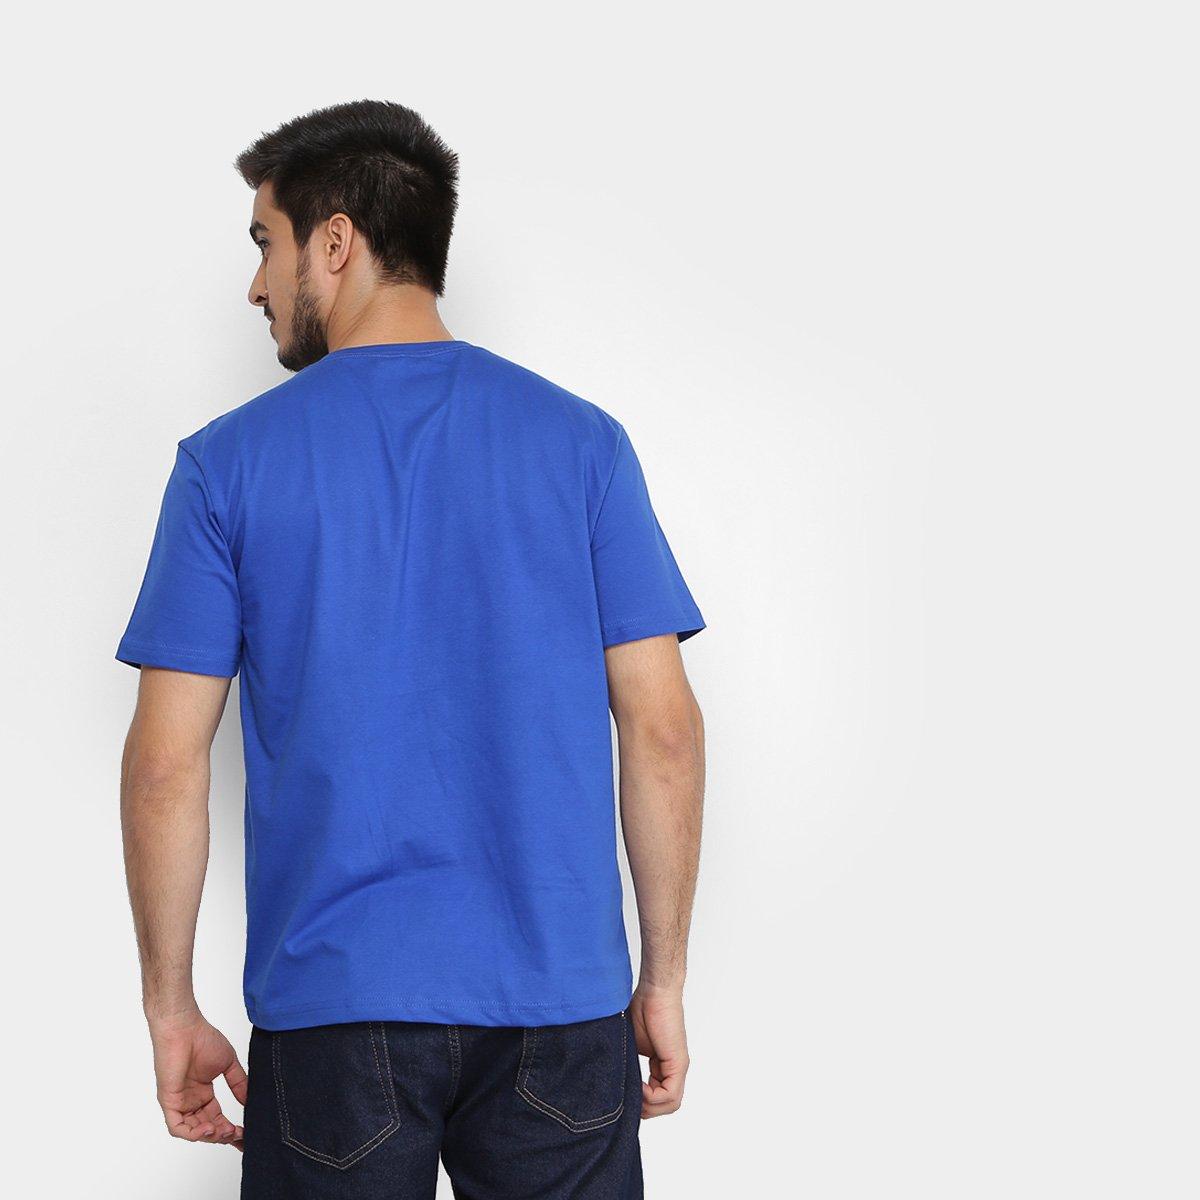 Camiseta Cruzeiro La Bestia Masculina  Camiseta Cruzeiro La Bestia  Masculina ... 5f4982cbde292